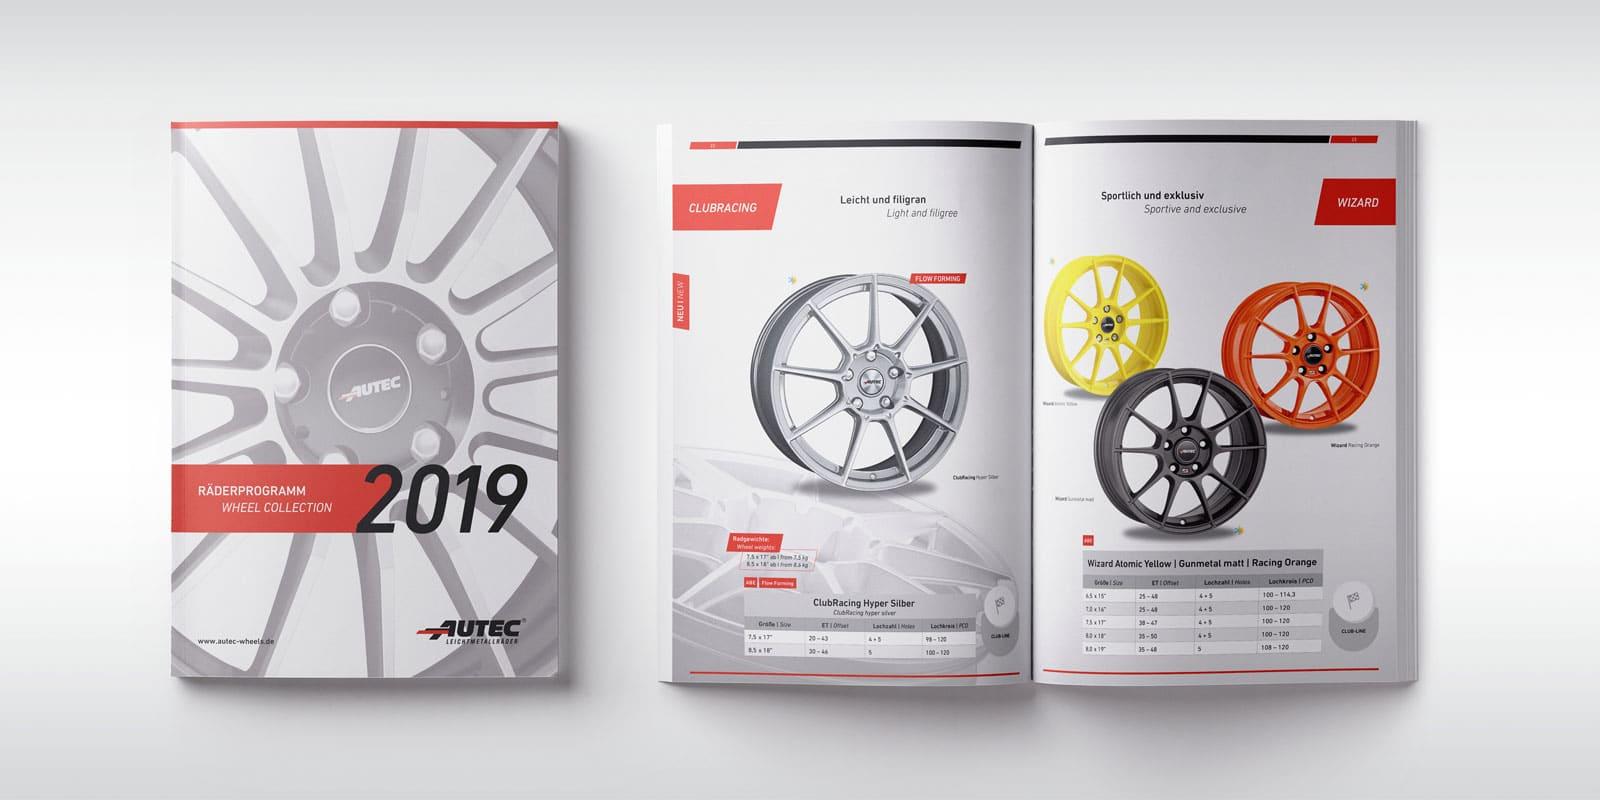 Autec – Räderprogramm 2019